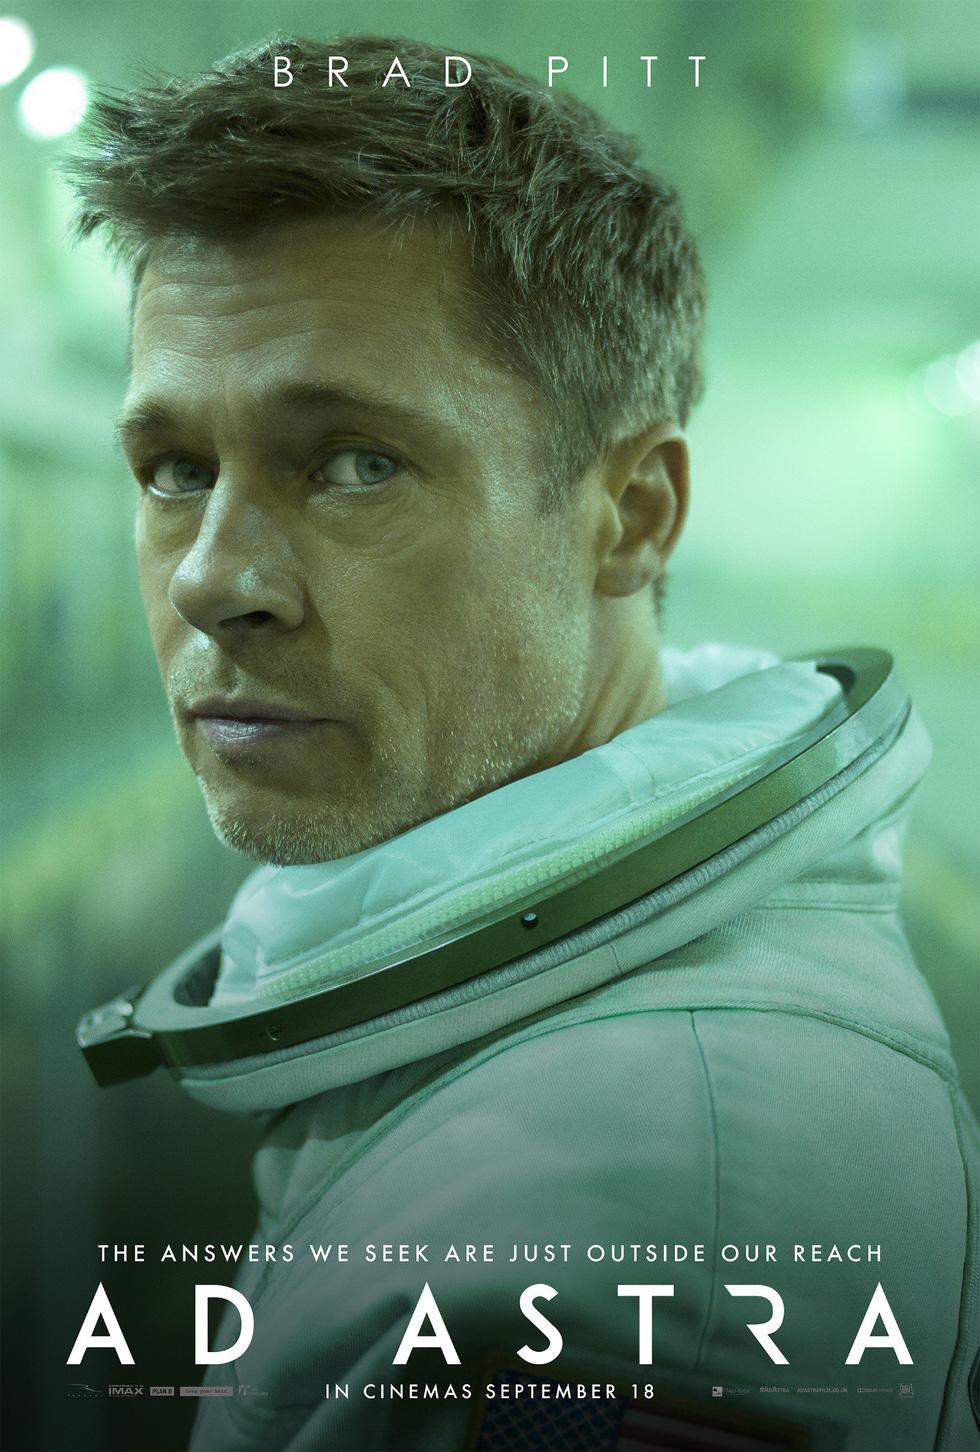 Phim mới của Brad Pitt, Củng Lợi... tranh giải Sư tử vàng ở Venice - Ảnh 4.